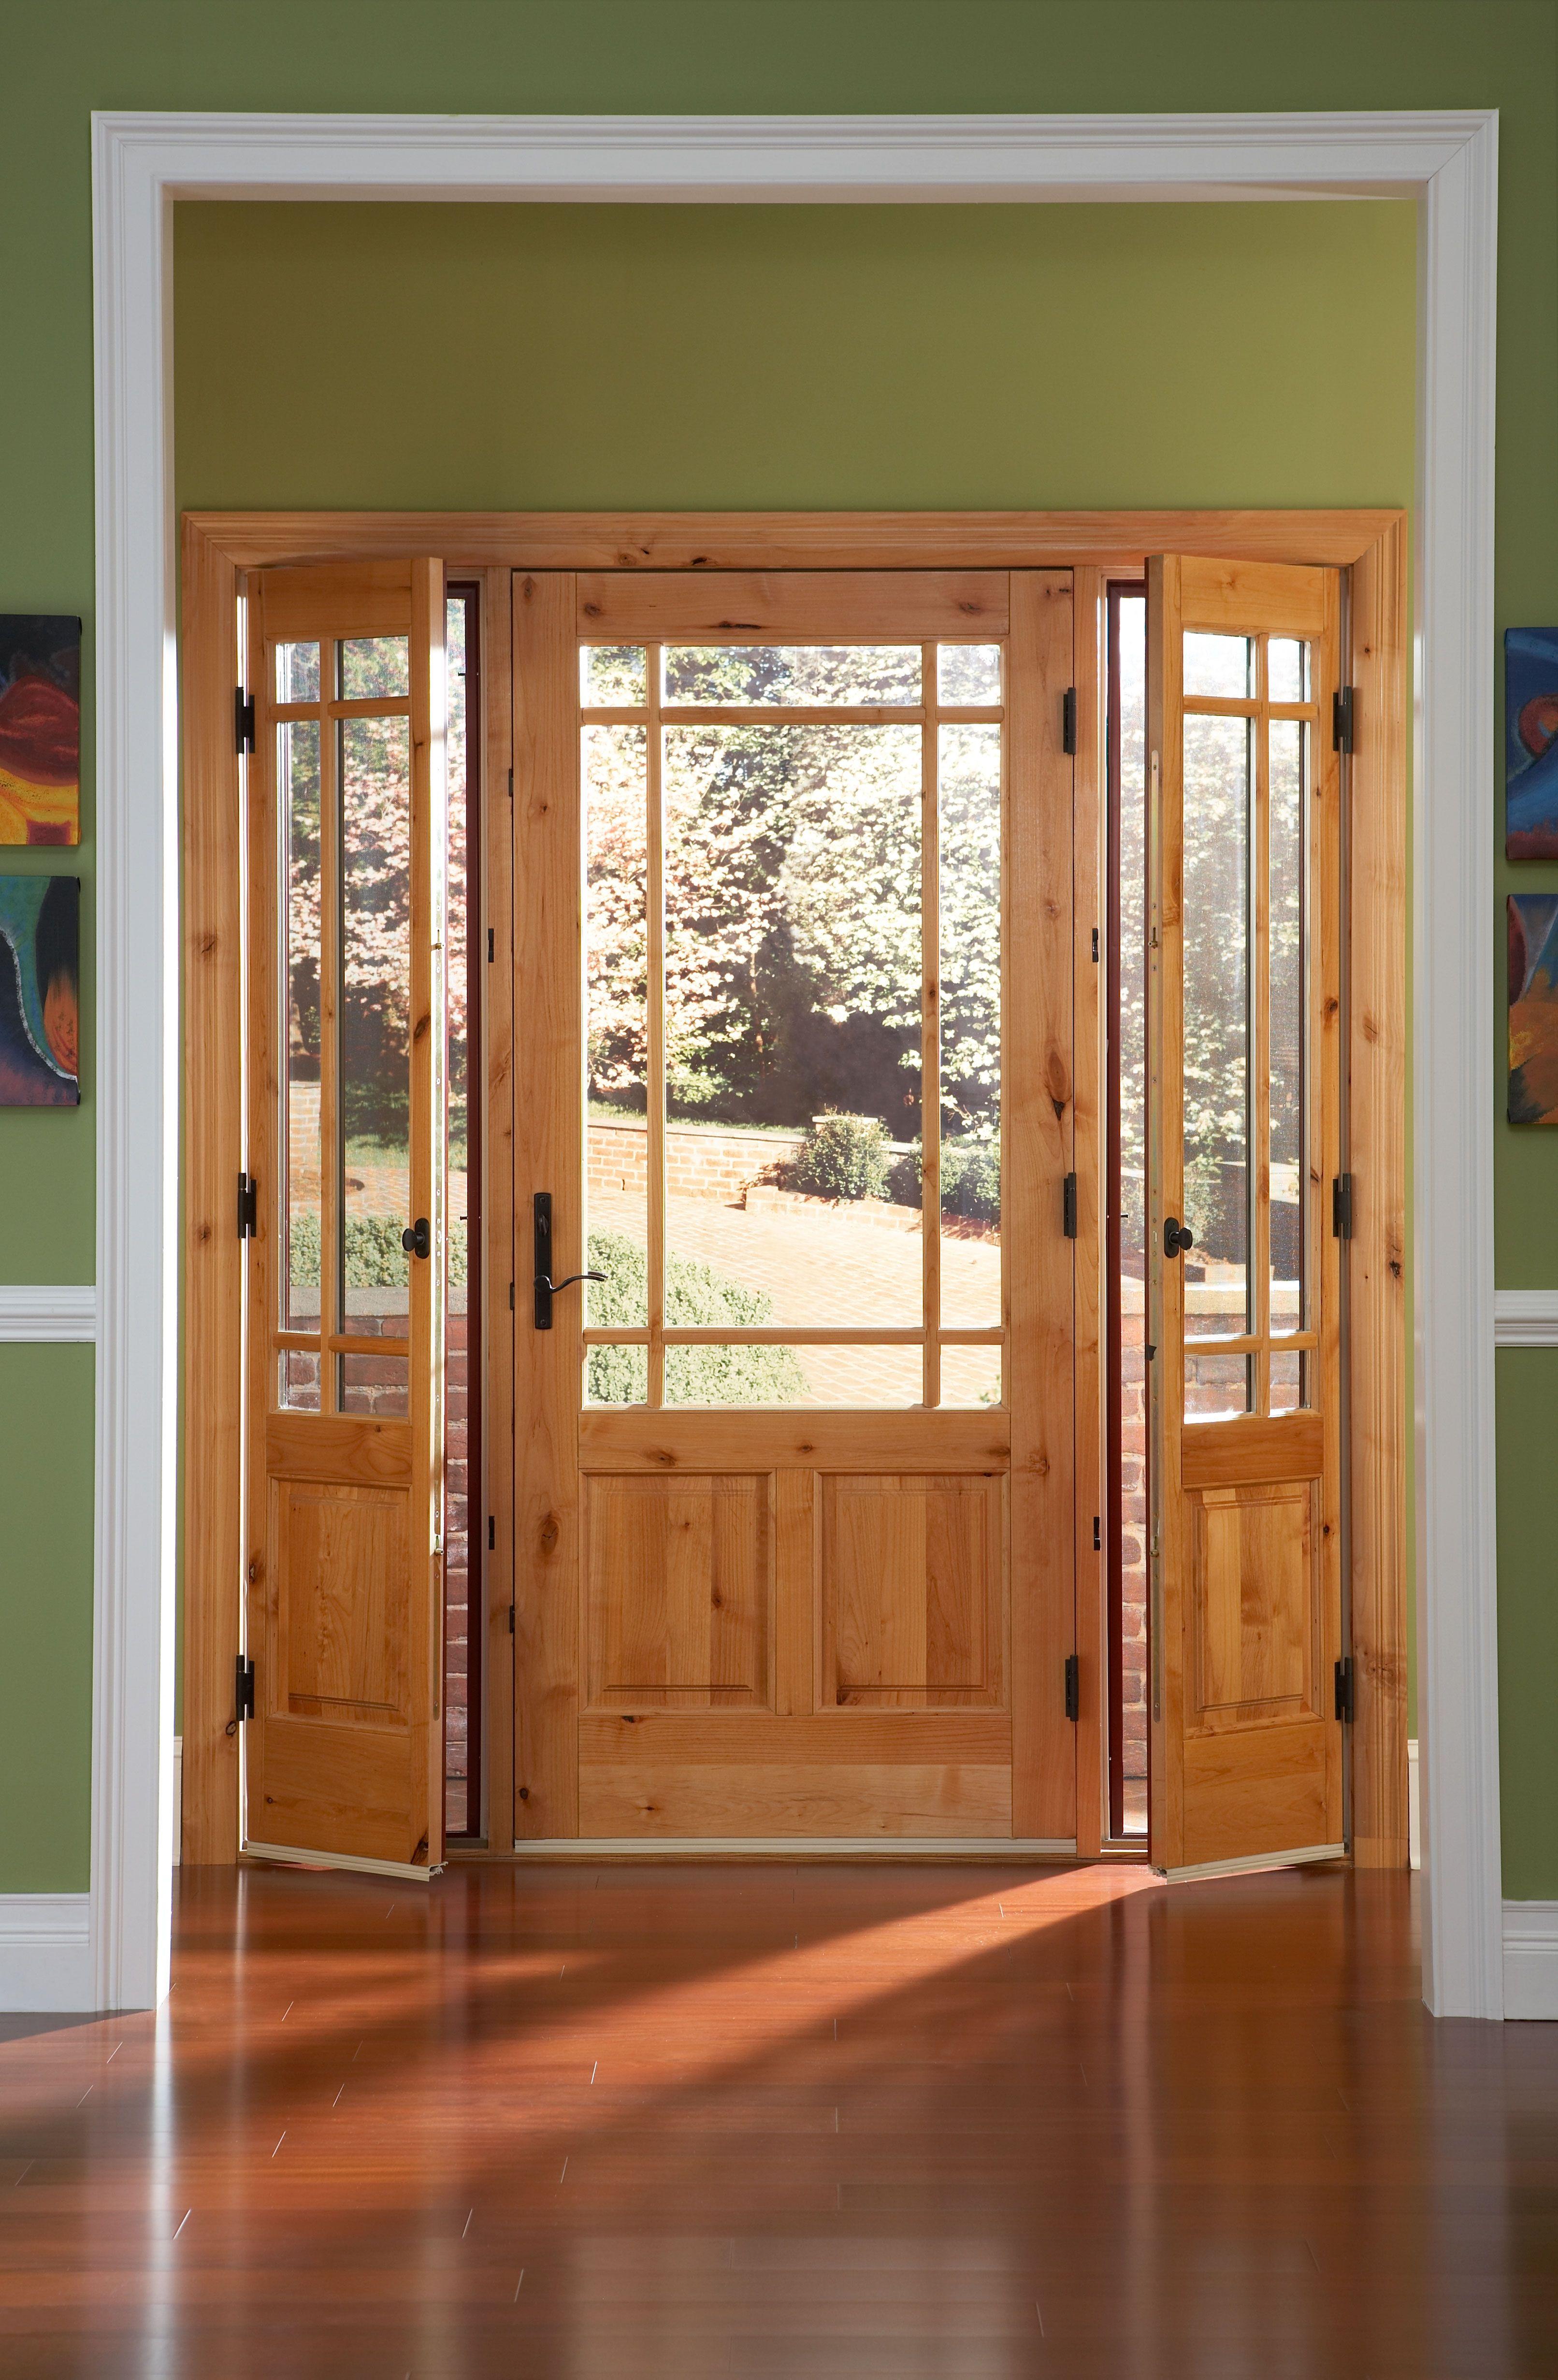 4926 #764528 Front Doors Exterior Doors The Home Depot wallpaper Entry Doors With Sidelites 38853224